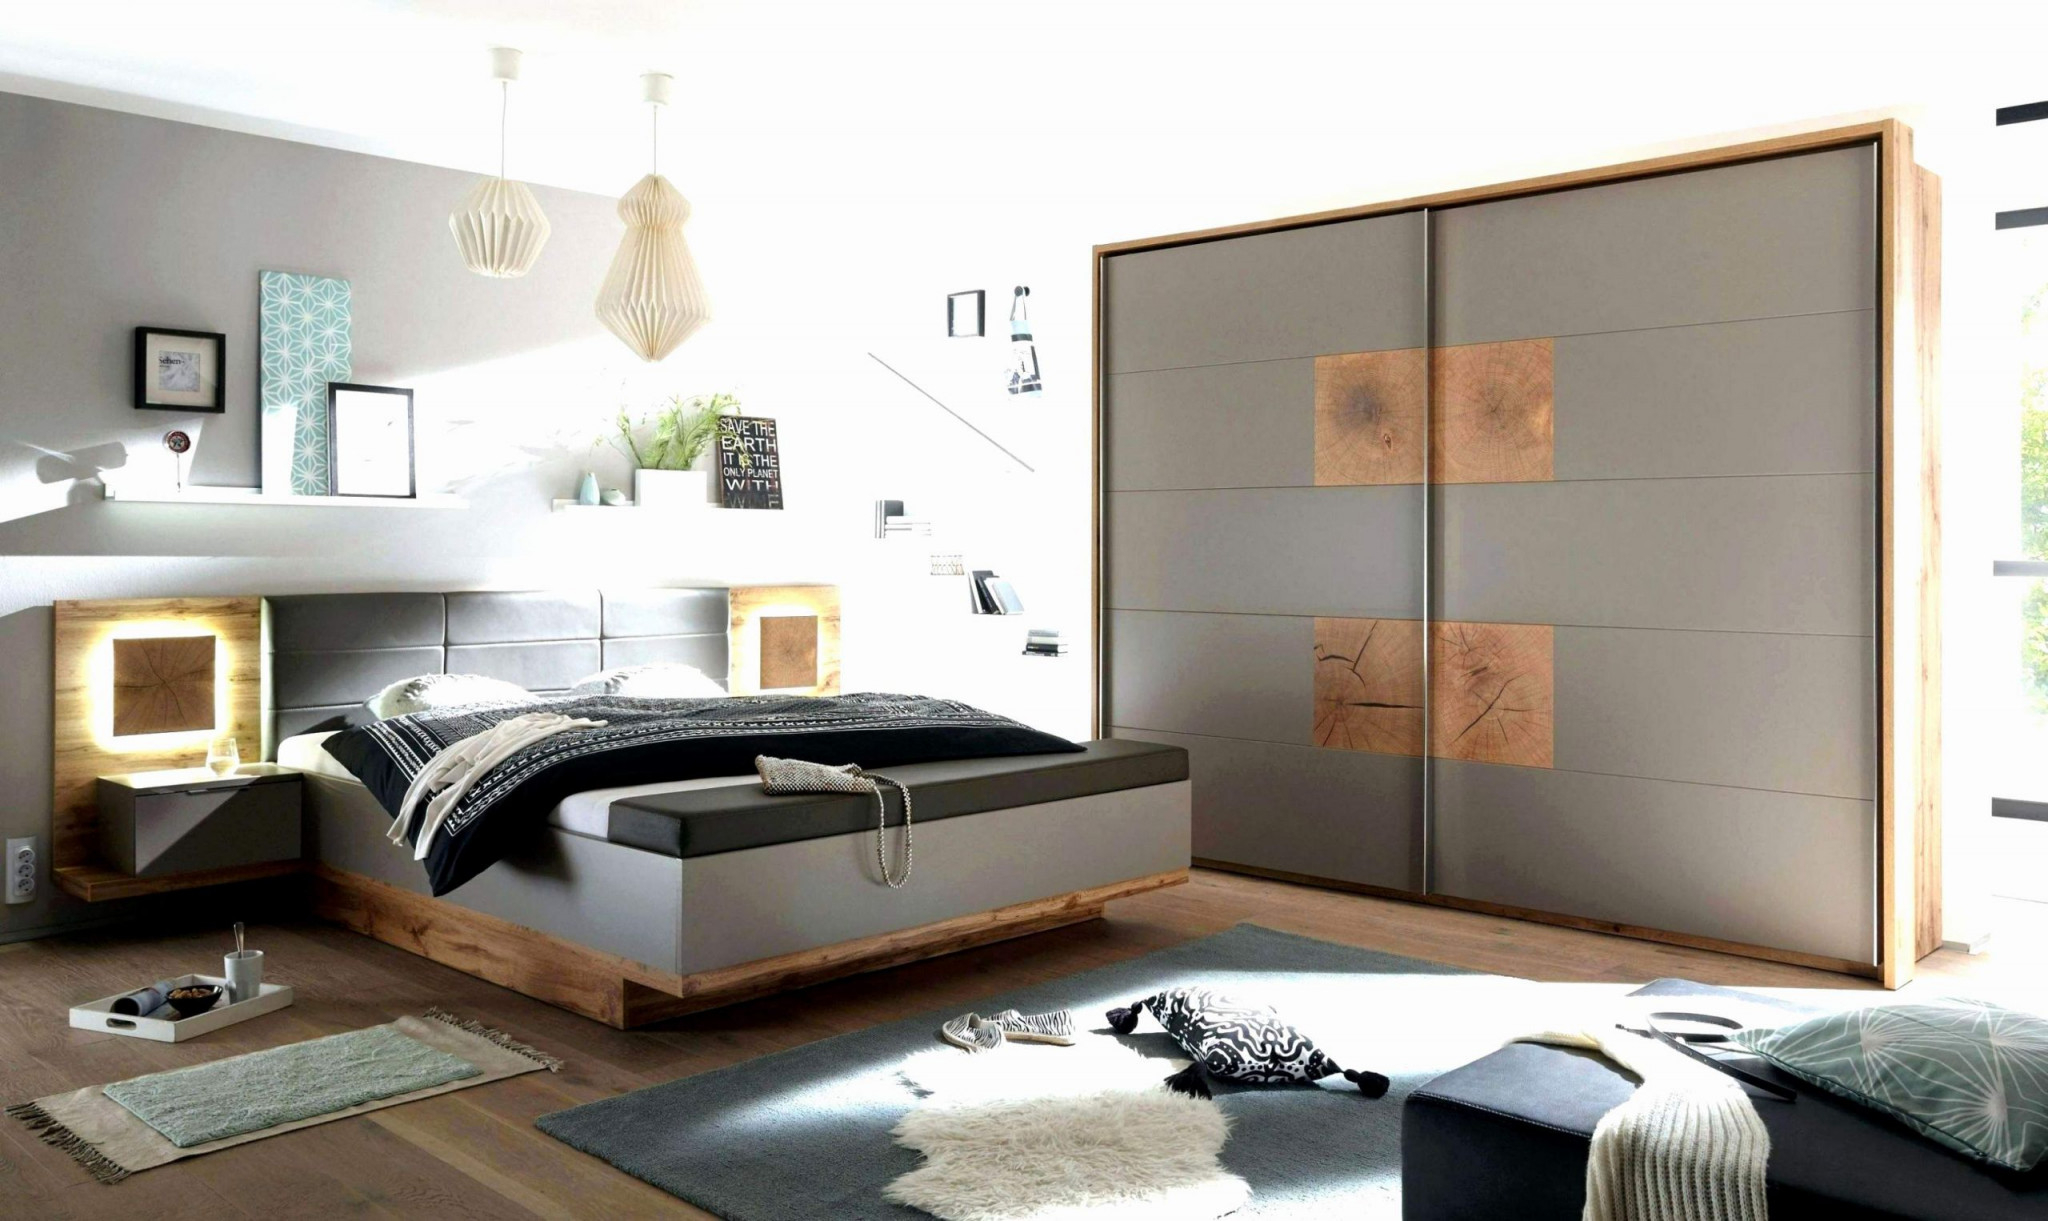 Lampe Wohnzimmer Modern Inspirierend Lampe Wohnzimmer Modern von Wohnzimmer Lampe Industriedesign Photo